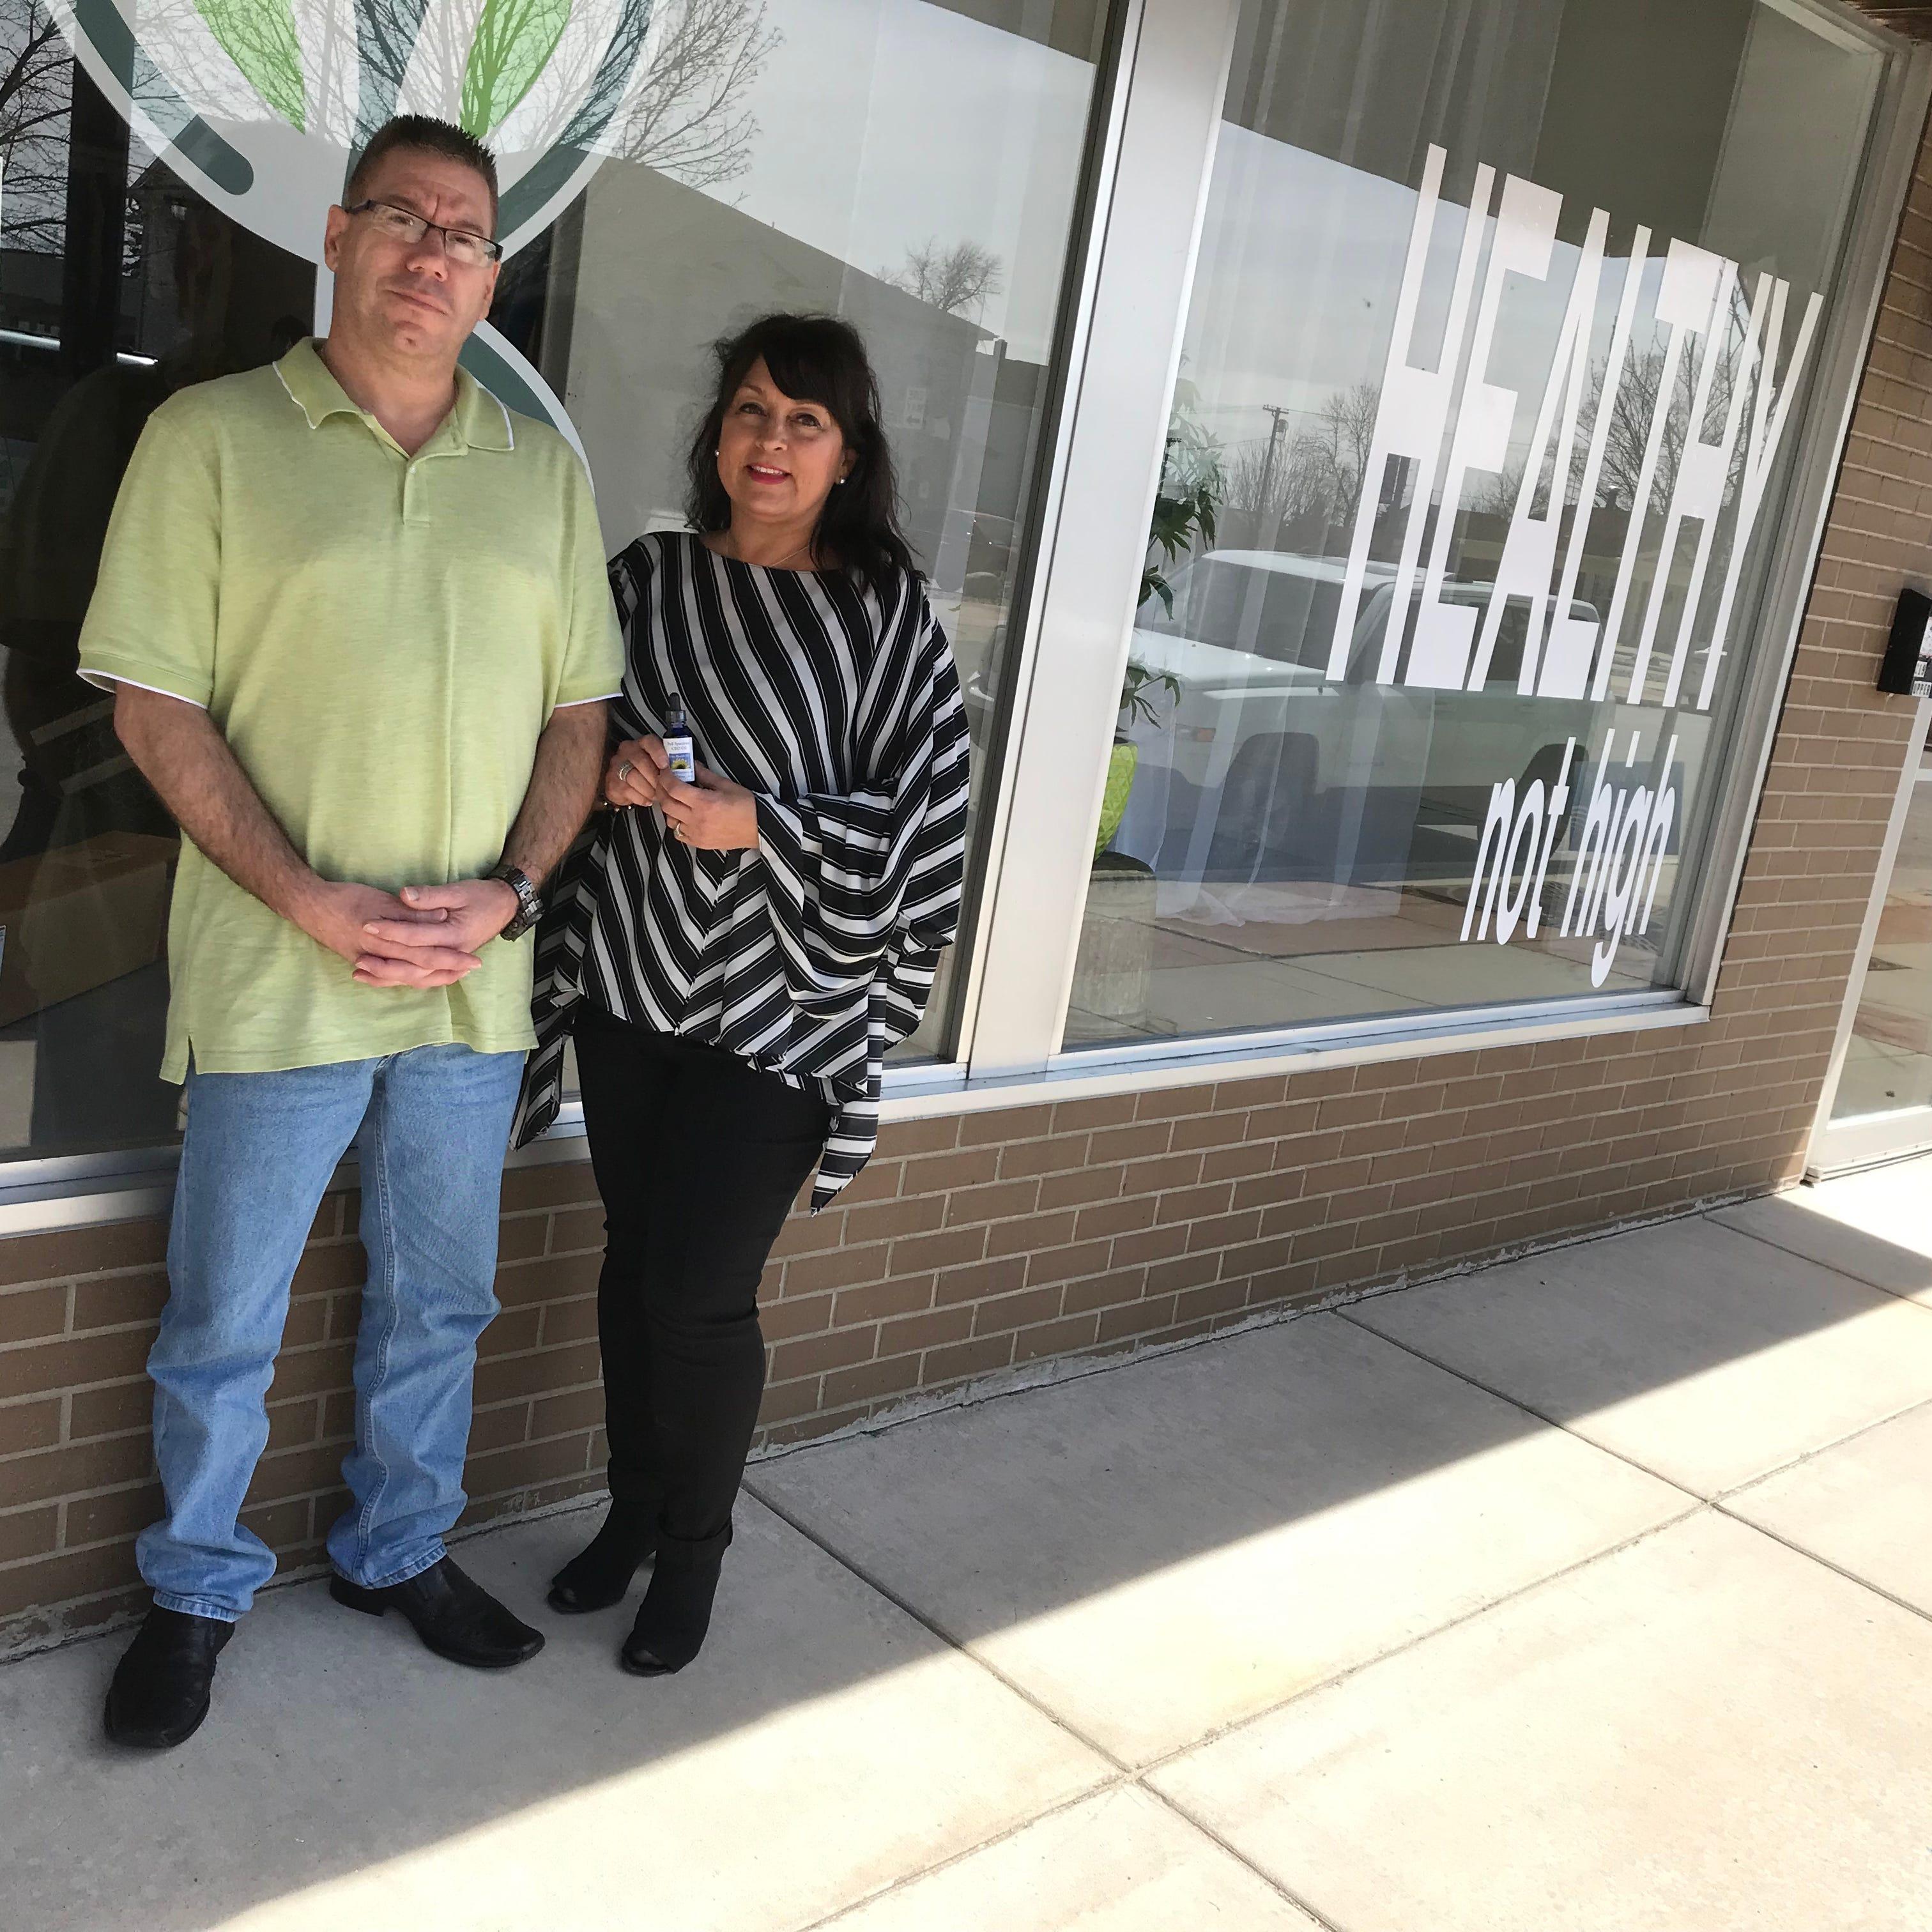 CBD oil shop One Health Wisconsin opens in Algoma